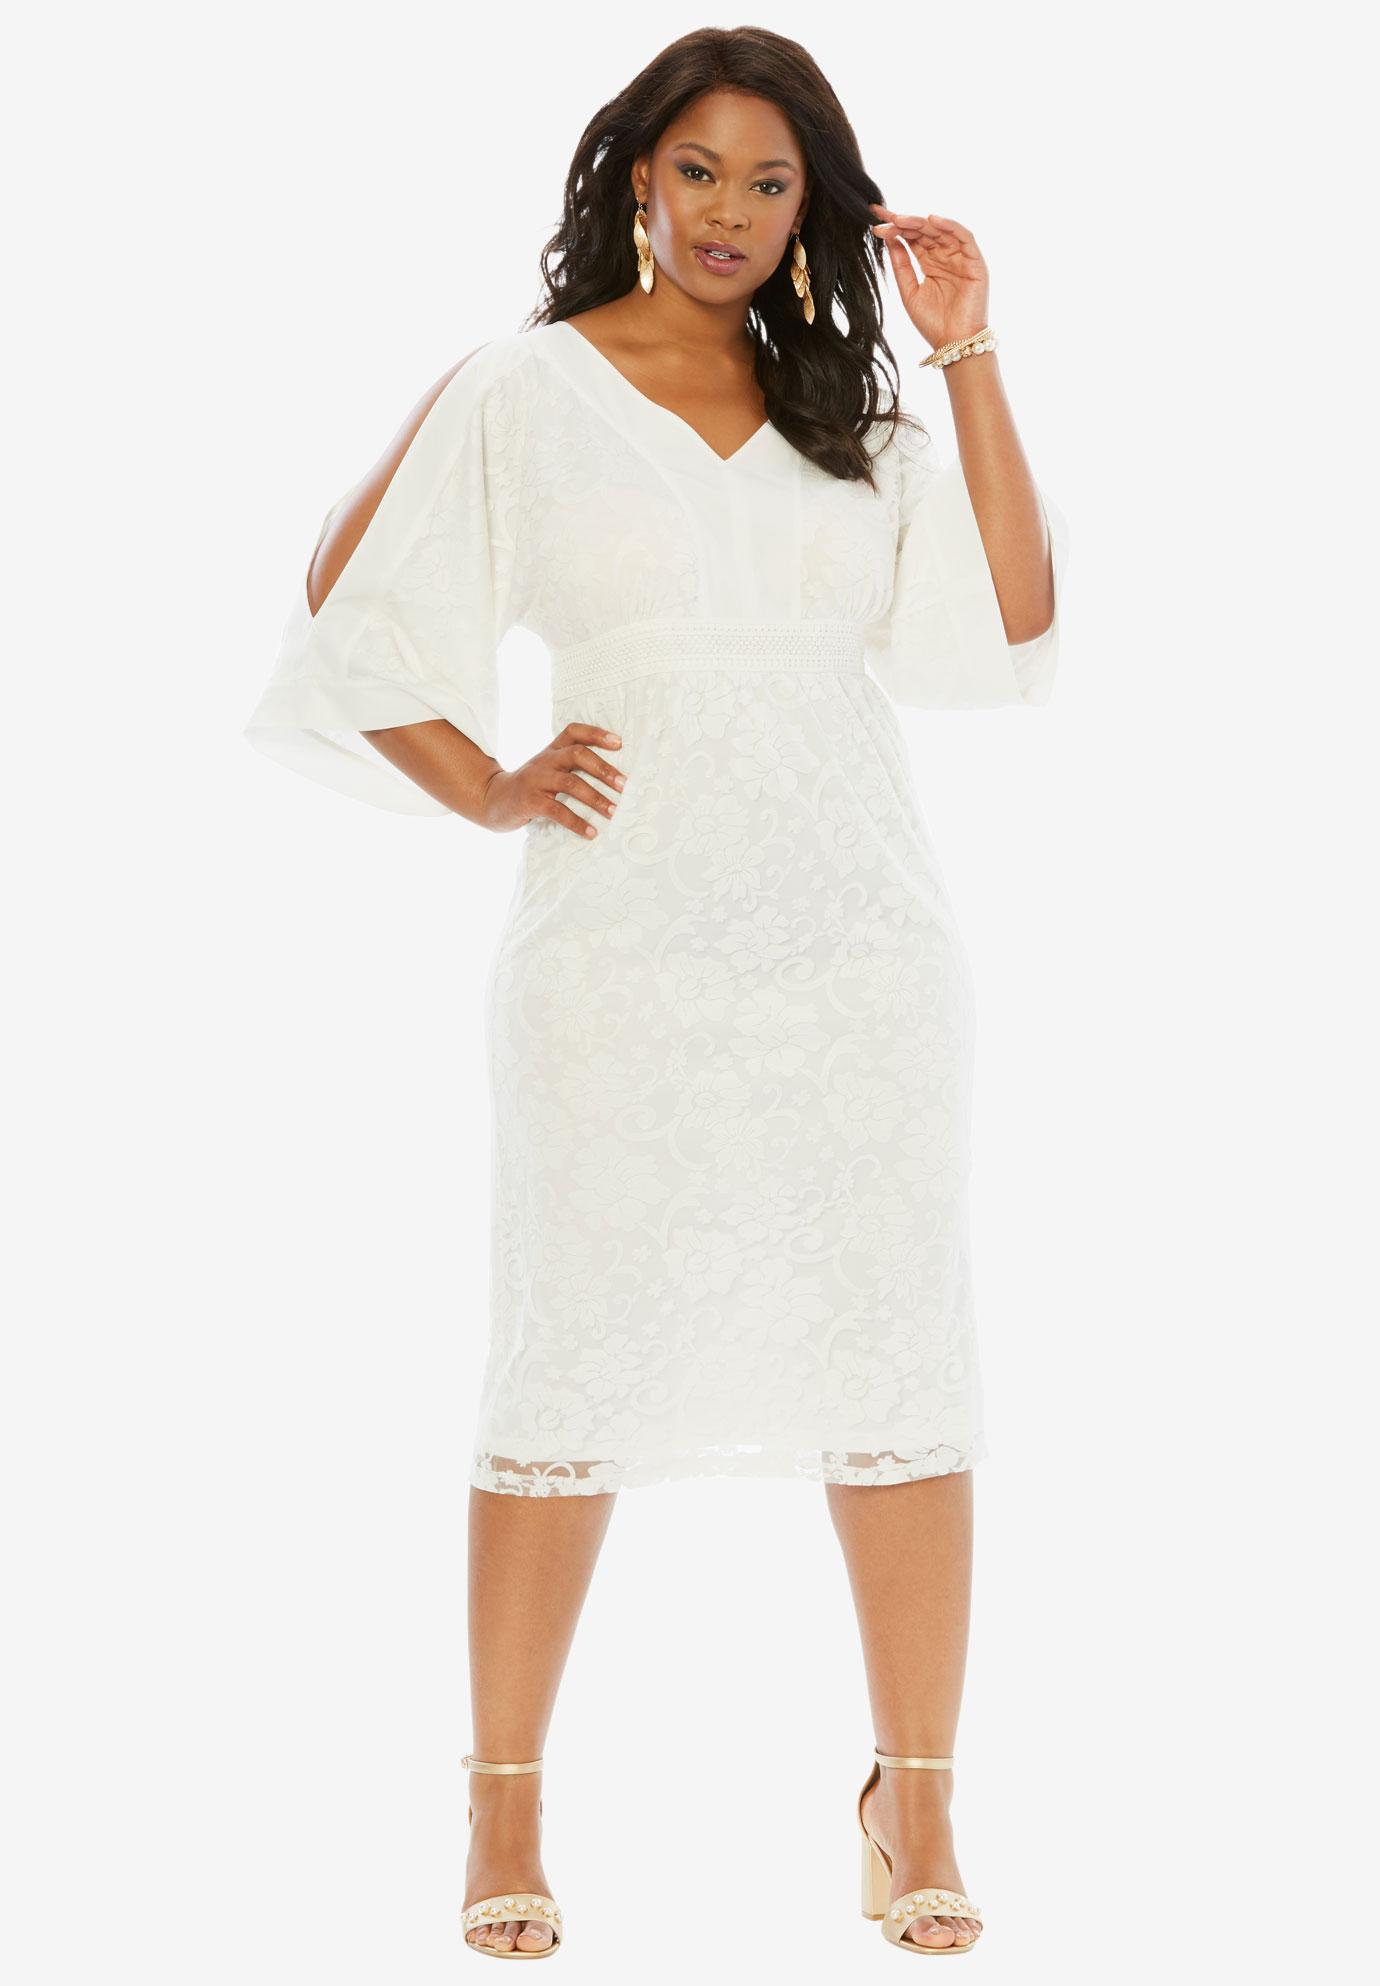 Plus Size Cocktail Dresses for Women | Roaman\'s